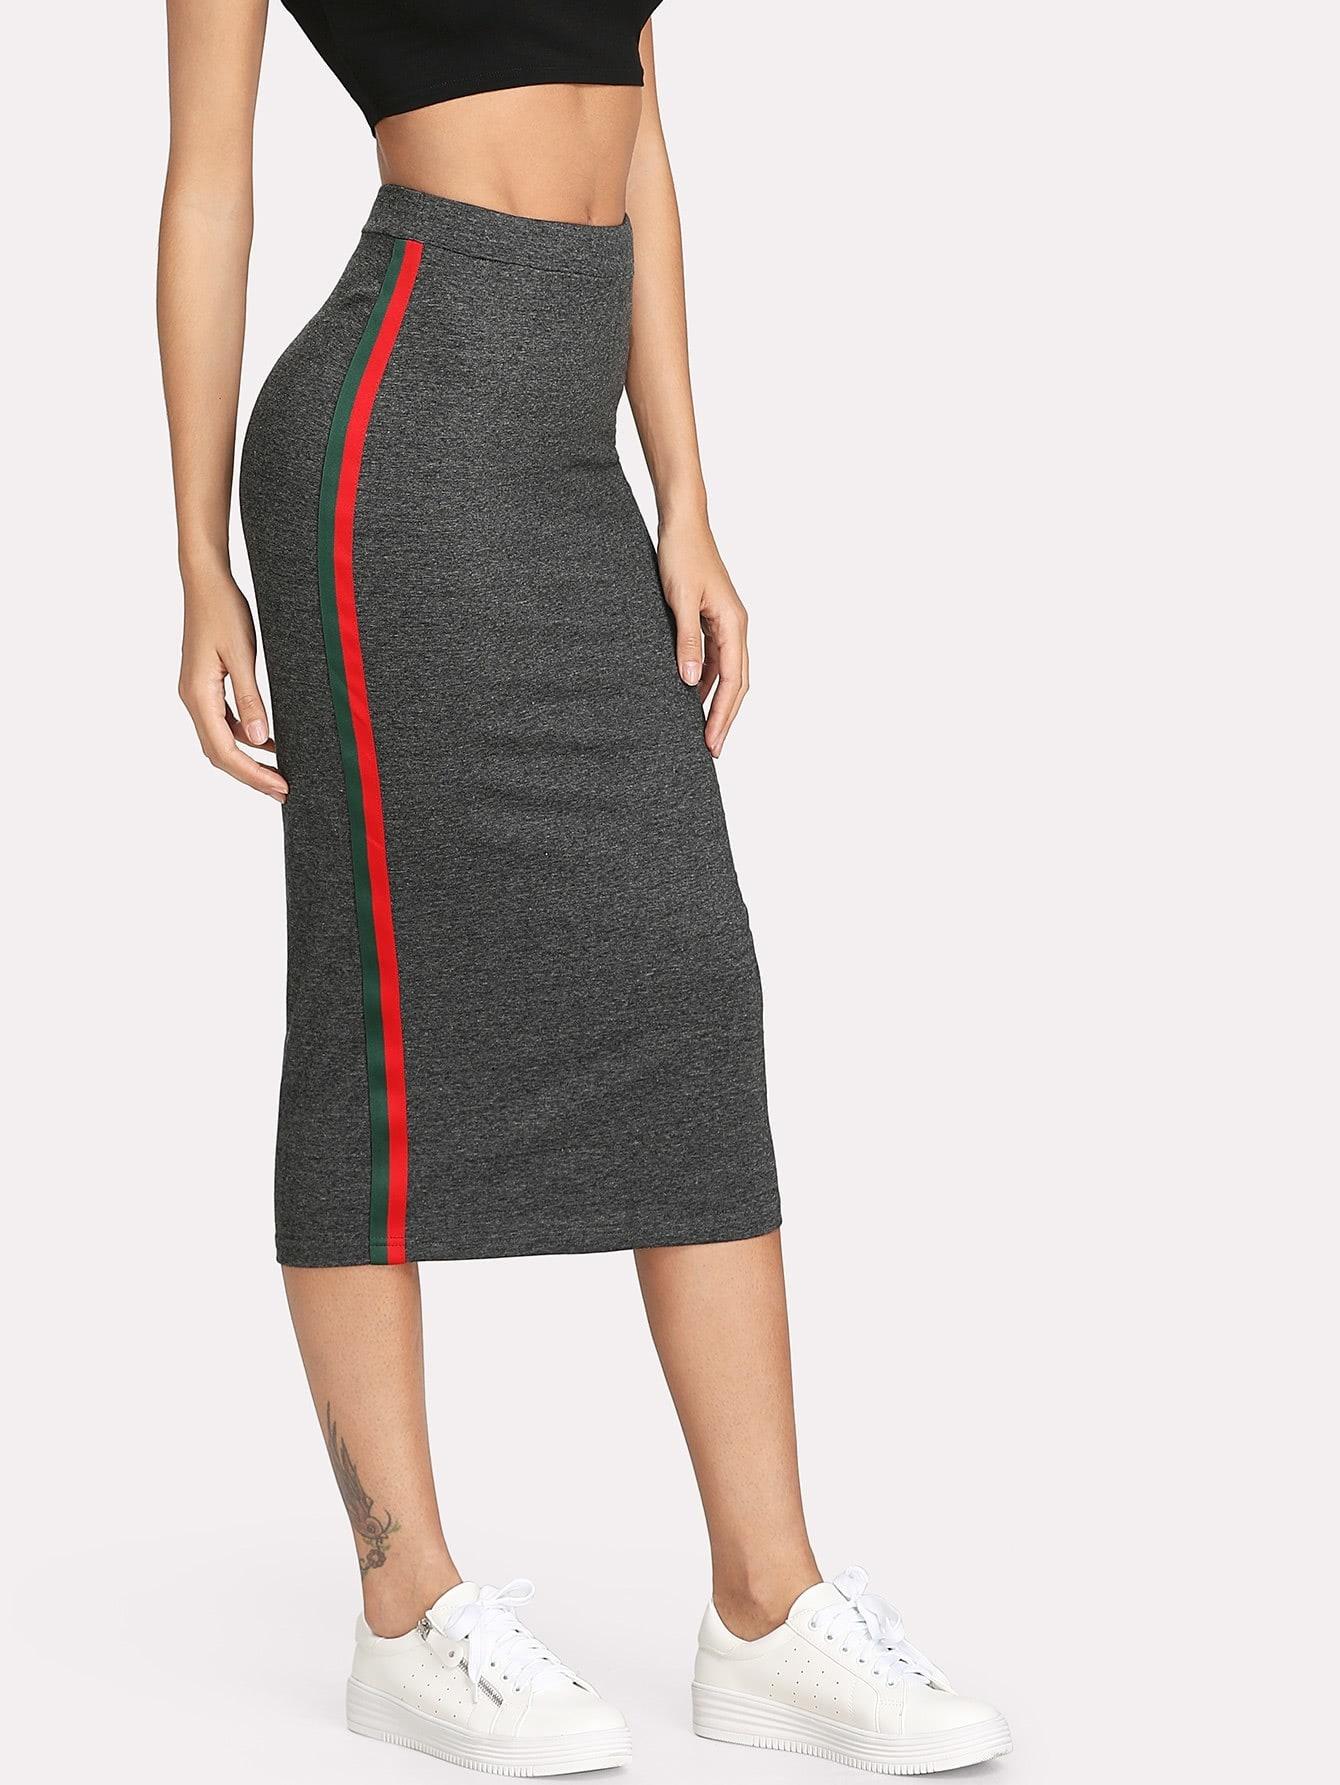 Striped Tape Side Skirt multi striped skirt